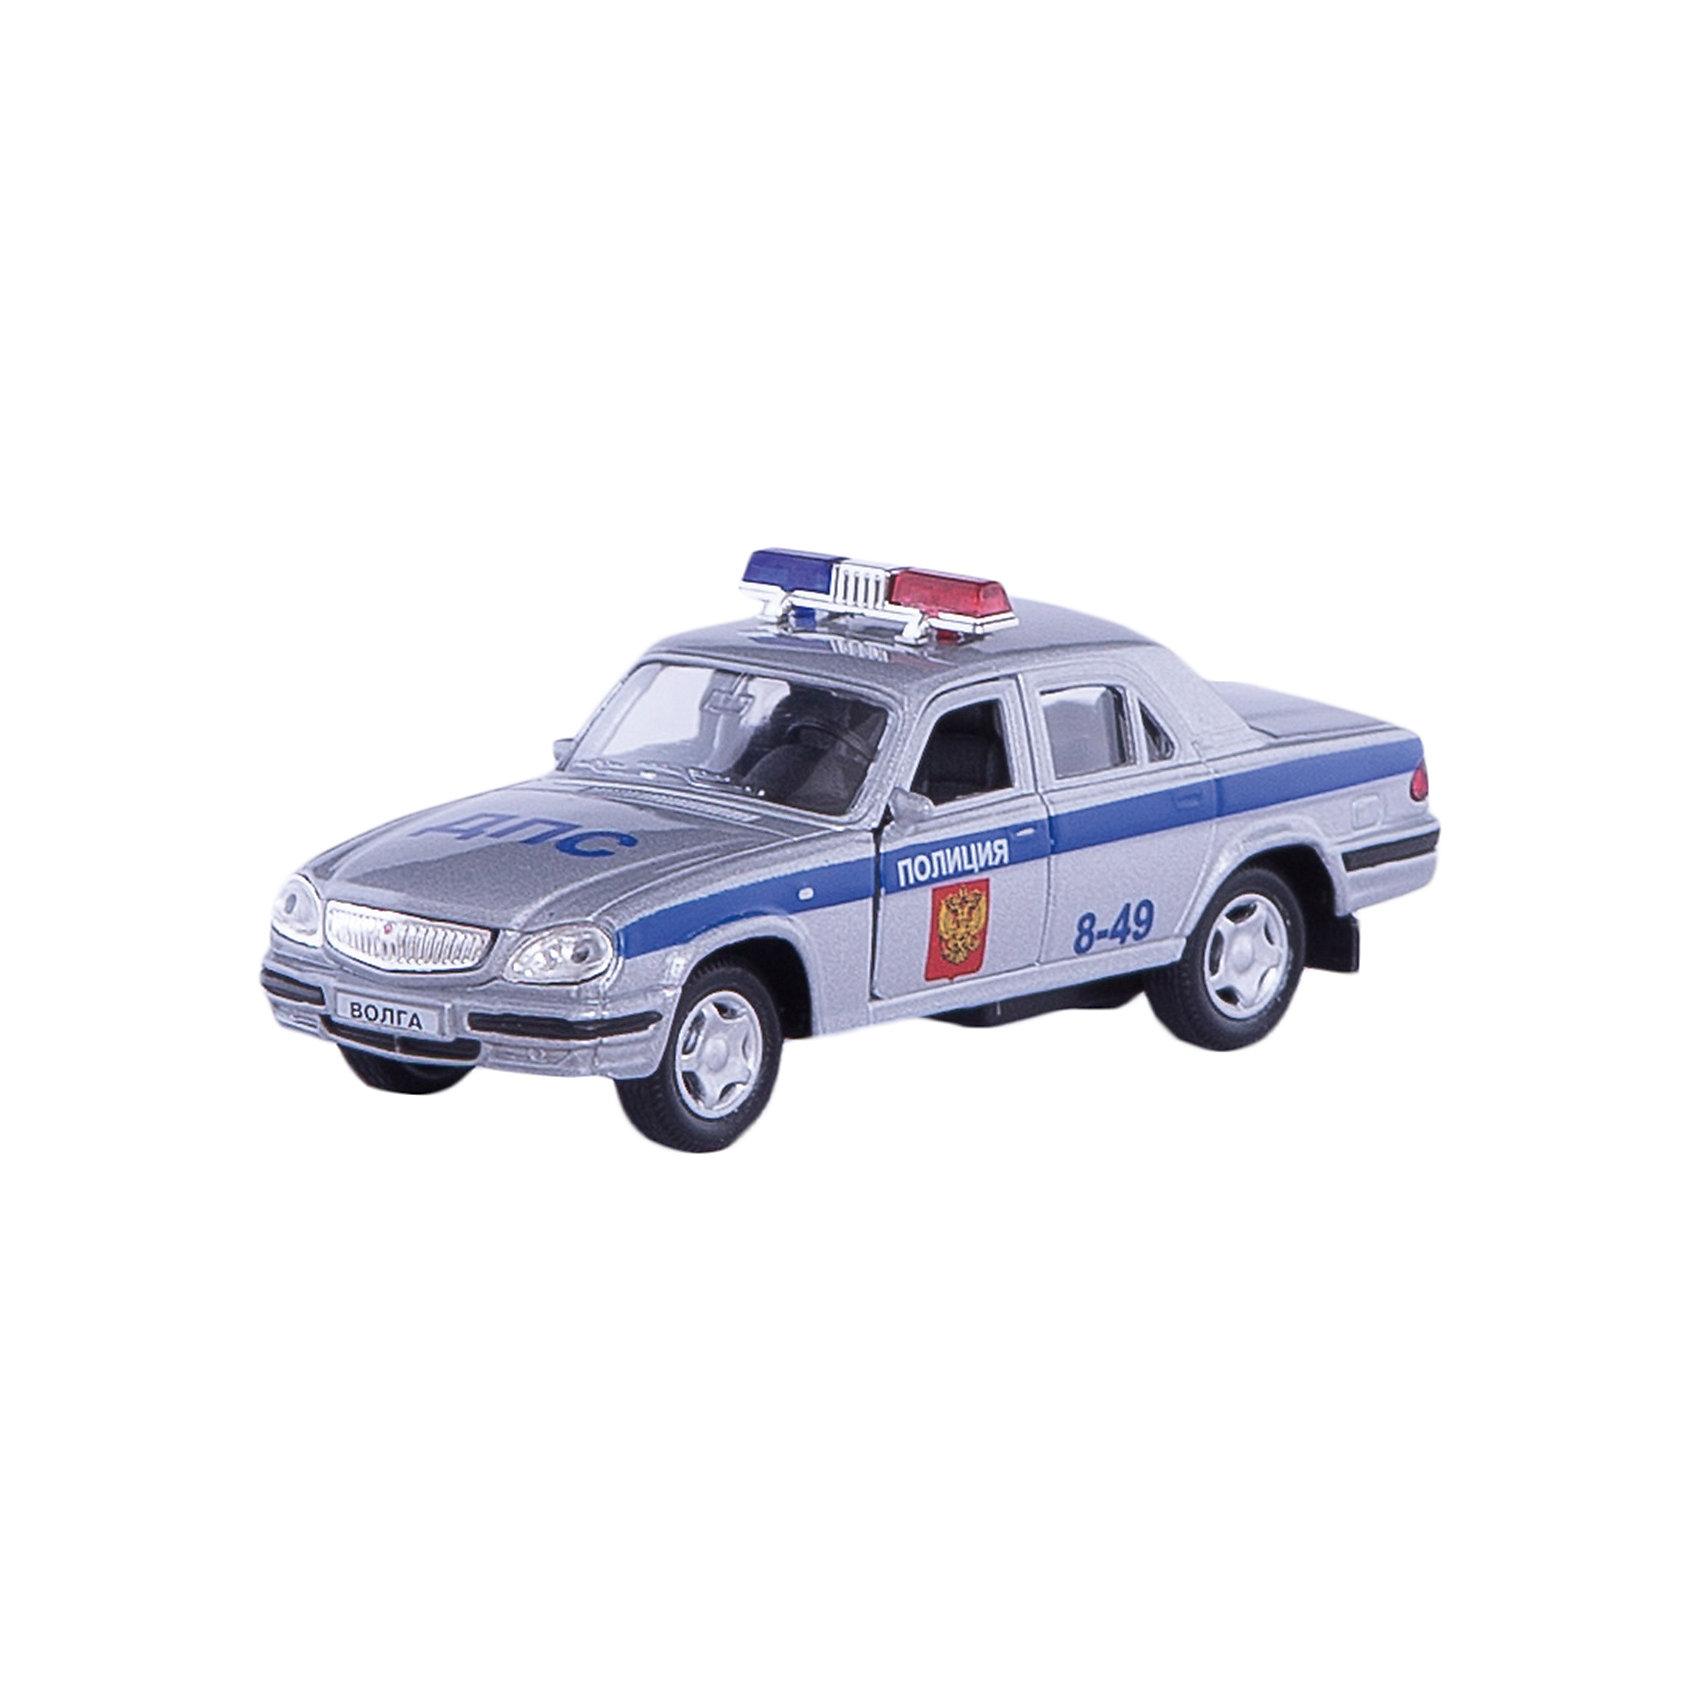 Машинка ГАЗ-31105 Волга полиция 1:43, AutotimeМашинки<br>Характеристики товара:<br><br>• цвет: белый<br>• материал: металл, пластик<br>• размер: 16х7,5х5,7 см<br>• вес: 100 г<br>• масштаб: 1:43<br>• прочный материал<br>• хорошая детализация<br>• открываются двери<br>• вращаются колеса<br>• коллекционная<br>• страна бренда: Россия<br>• страна производства: Китай<br><br>Металлическая машинка ГАЗ-31105 Волга от бренда AUTOTIME придется по душе мальчикам. Это идеальный подарок для ценителя и коллекционера автомобилей, которые выполнены с подробной детализацией. Игрушка является настоящей копией машины «Волга». Двери машинки открываются свободно, колеса вращаются. Поэтому она может стать и частью коллекции, и выступать отдельной игрушкой.<br><br>Машинка может выполнять сразу несколько функций: развлекать ребенка, помогать вырабатывать практические качества: ловкость, координацию, мелкую моторику. Также в процессе увлекательной игры развивается фантазия ребенка. Изделие выполнено из сертифицированных материалов, безопасных для детей.<br><br>Машинку ГАЗ-31105 Волга полиция от бренда AUTOTIME можно купить в нашем интернет-магазине.<br><br>Ширина мм: 165<br>Глубина мм: 57<br>Высота мм: 75<br>Вес г: 13<br>Возраст от месяцев: 36<br>Возраст до месяцев: 2147483647<br>Пол: Мужской<br>Возраст: Детский<br>SKU: 5583969